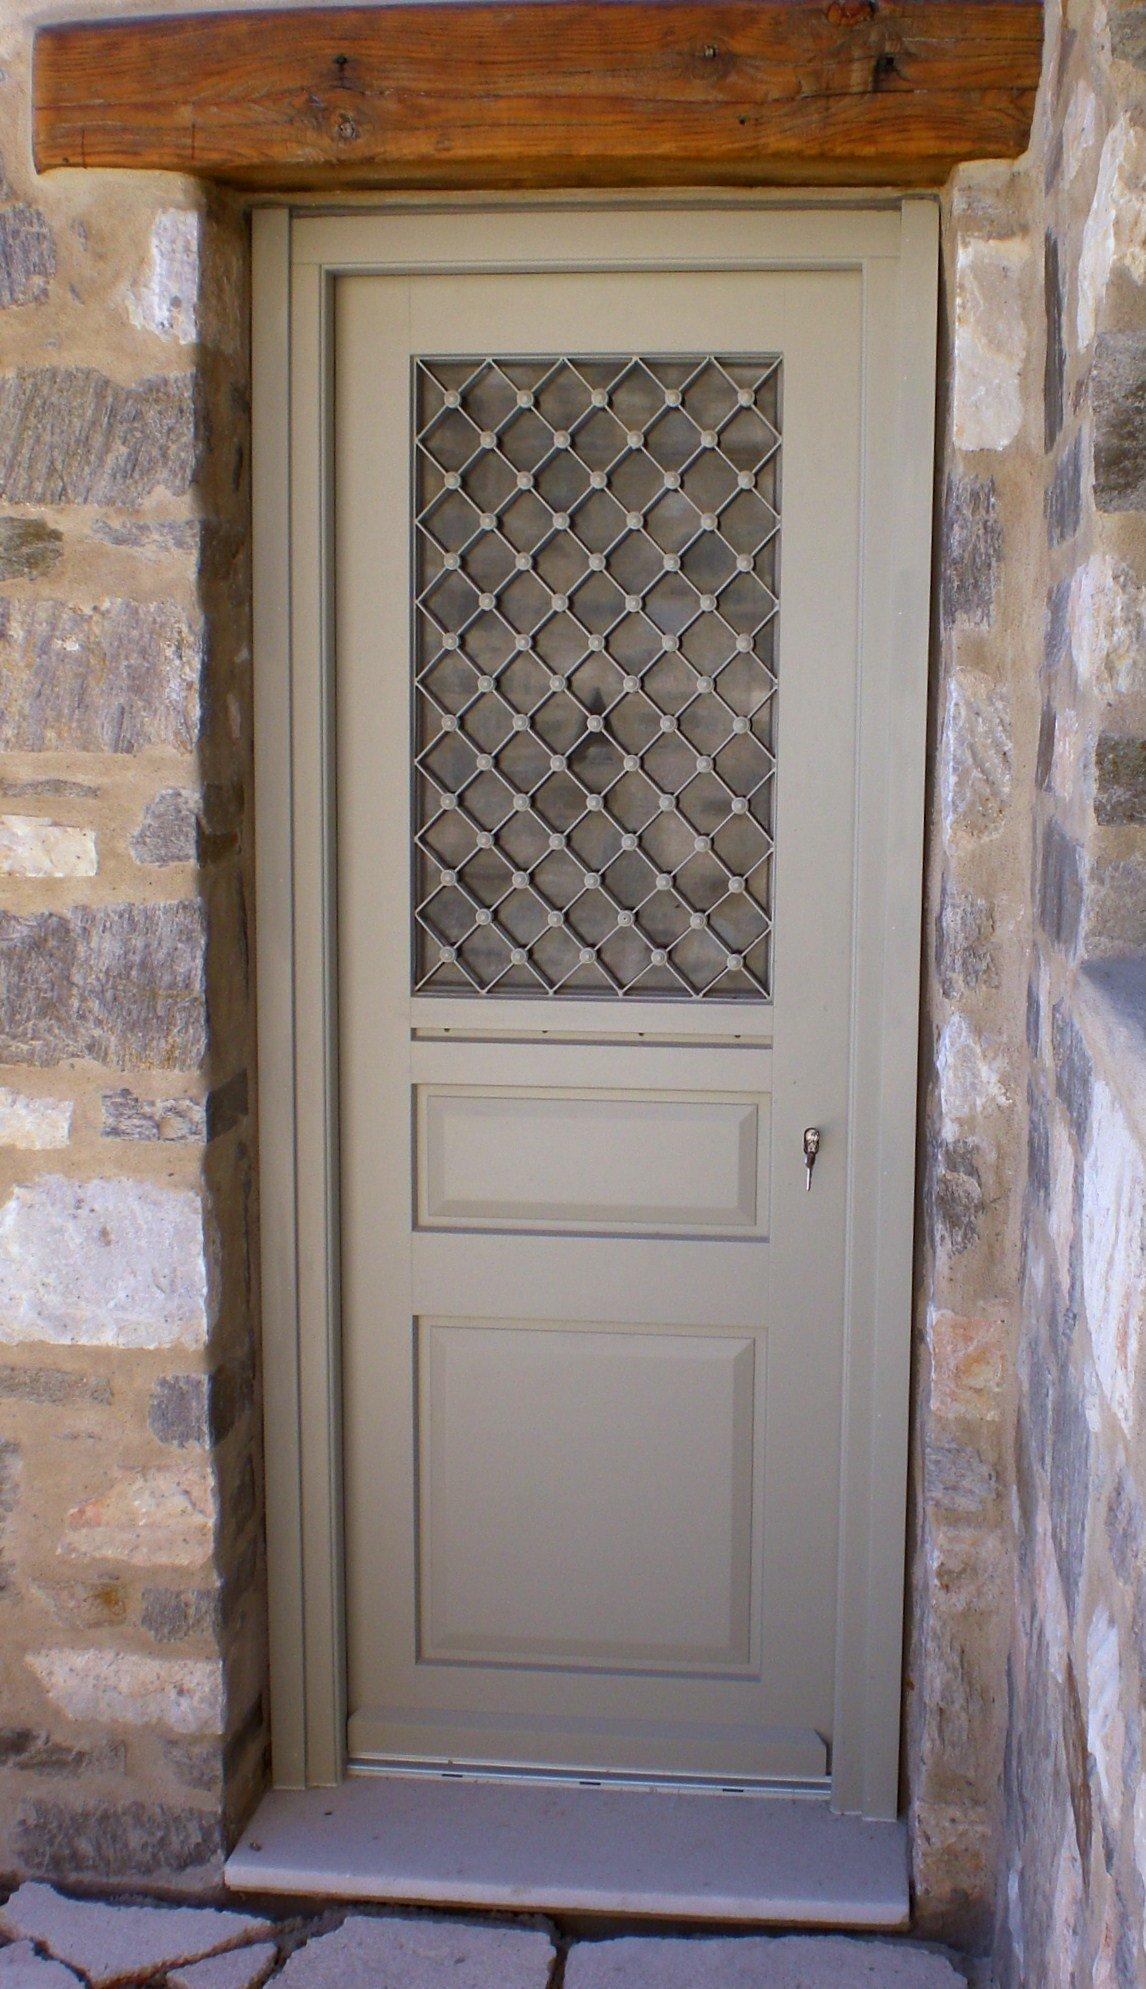 Νταμπλαδωτή εξώπορτα με παράθυρο και σιδεριά Σύρος